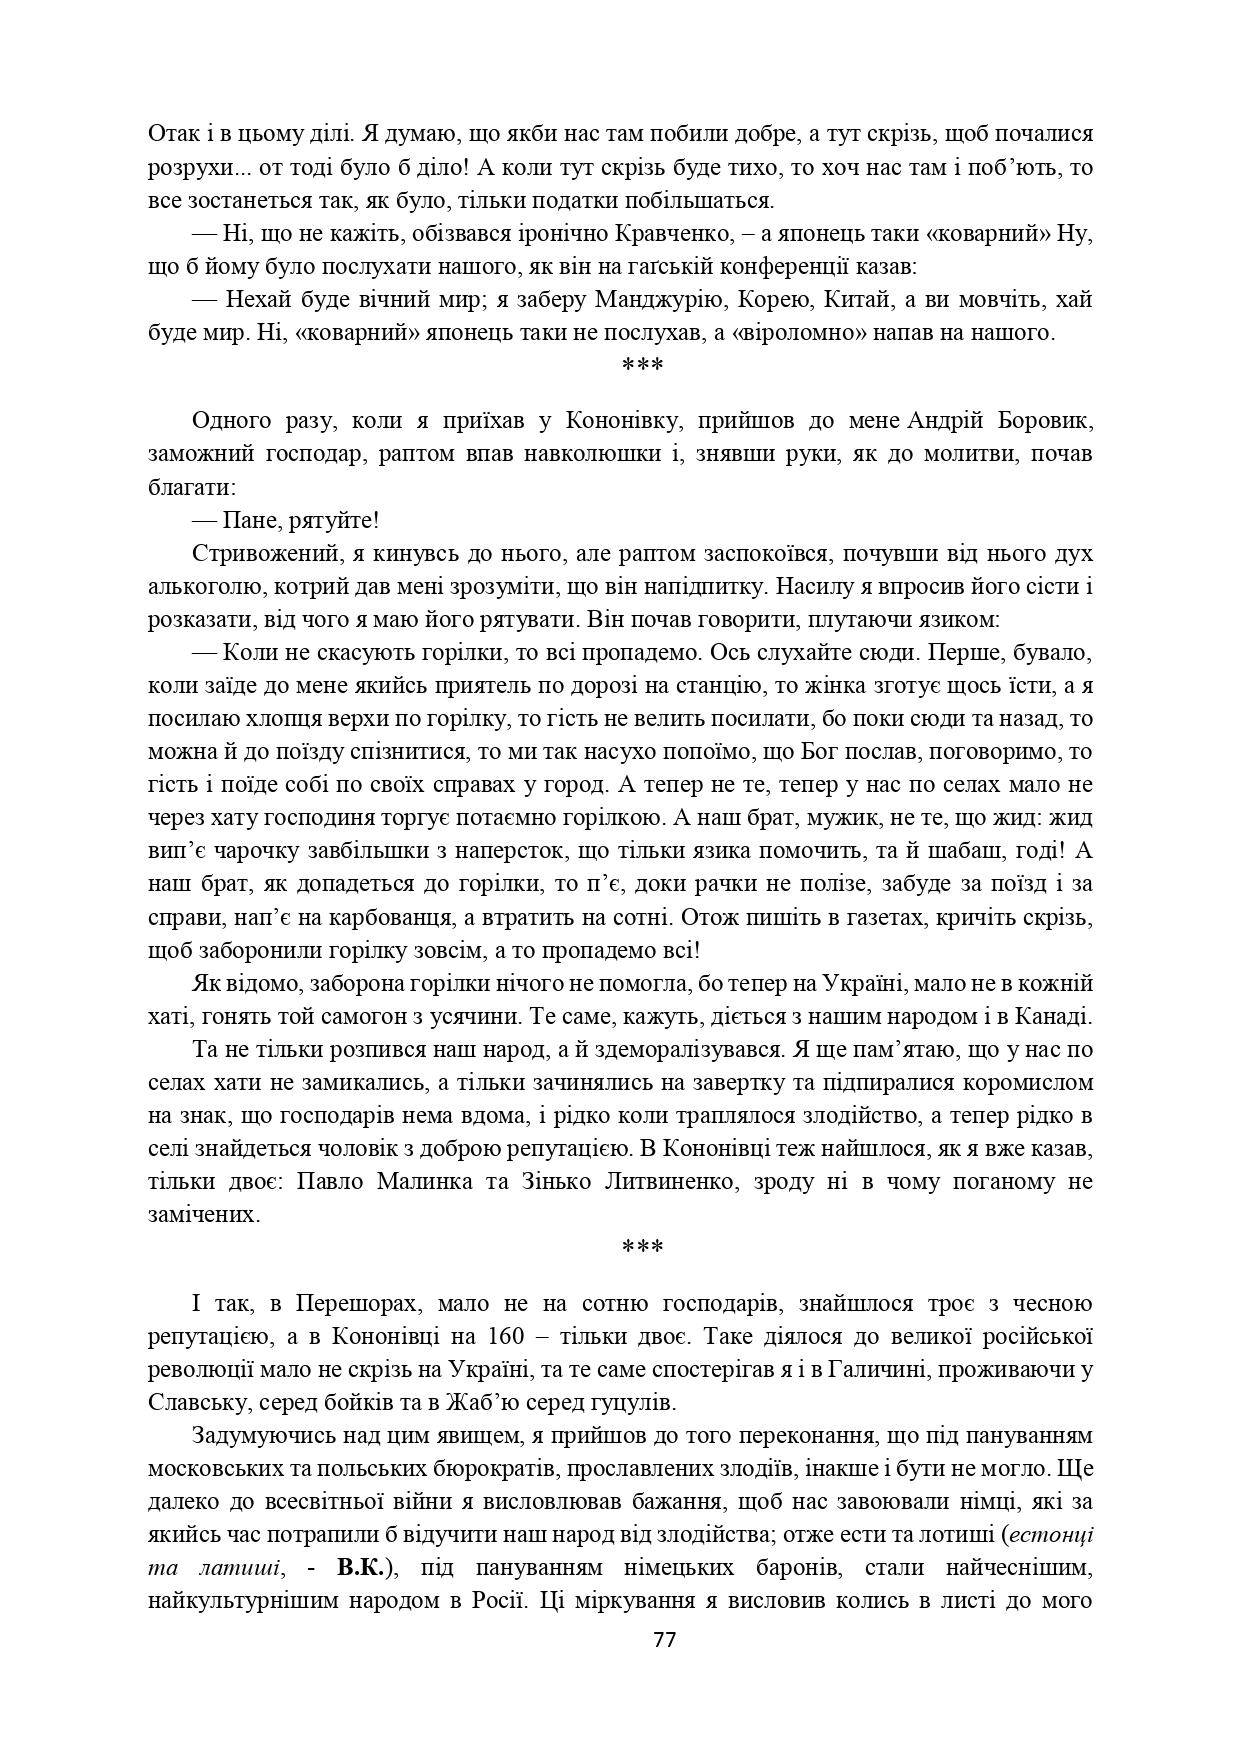 ІСТОРІЯ СЕЛА КОНОНІВКА 2021 (1)_page-0077